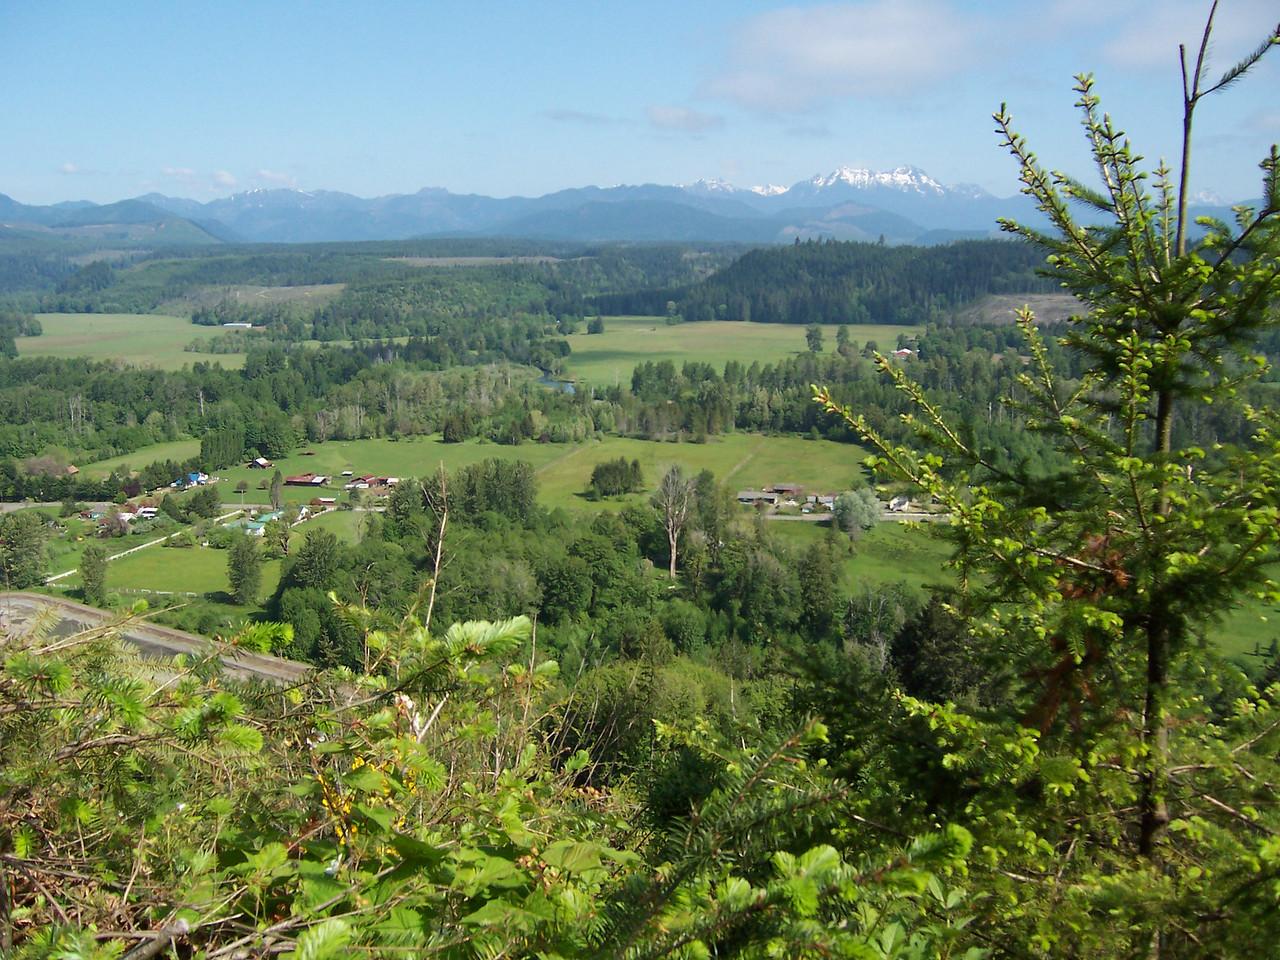 Skokomish Valley